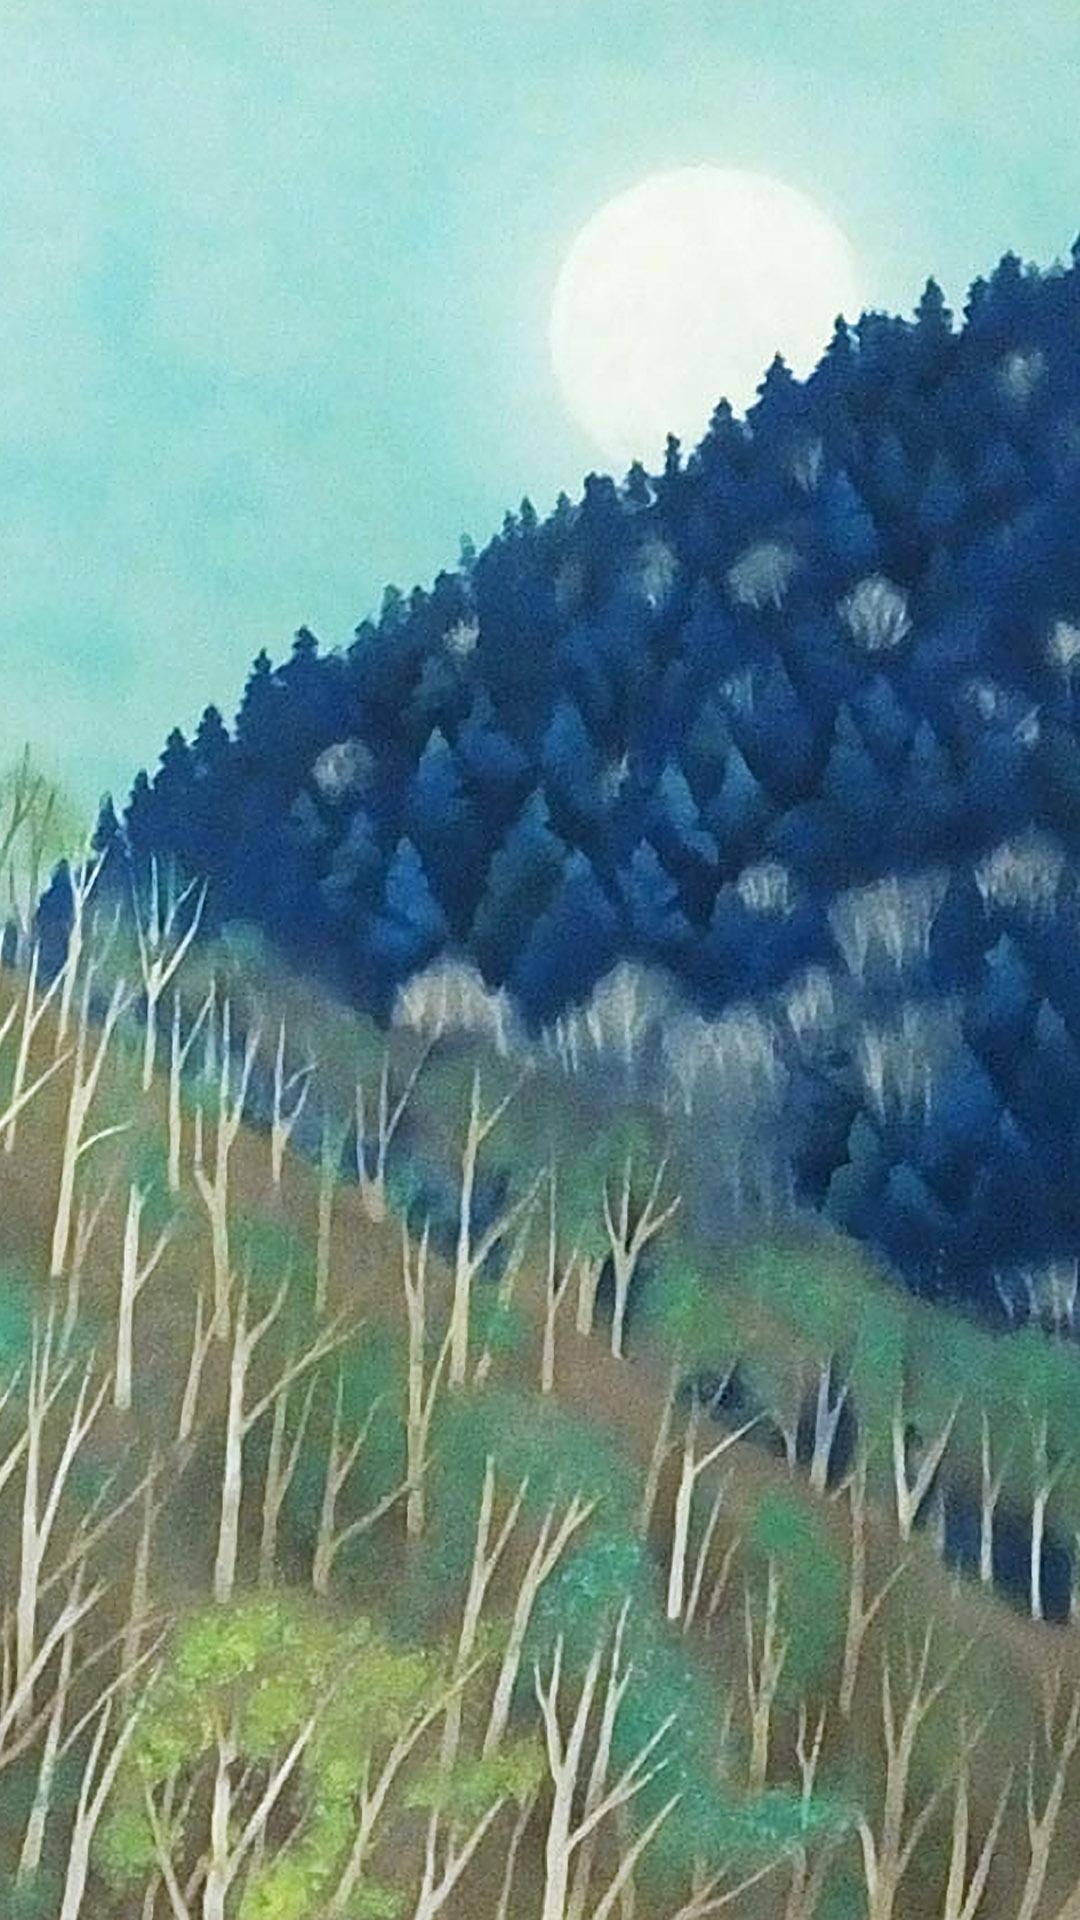 東山魁夷 月出づ Higashiyama Kaii - Tsuki idu 1080x1920